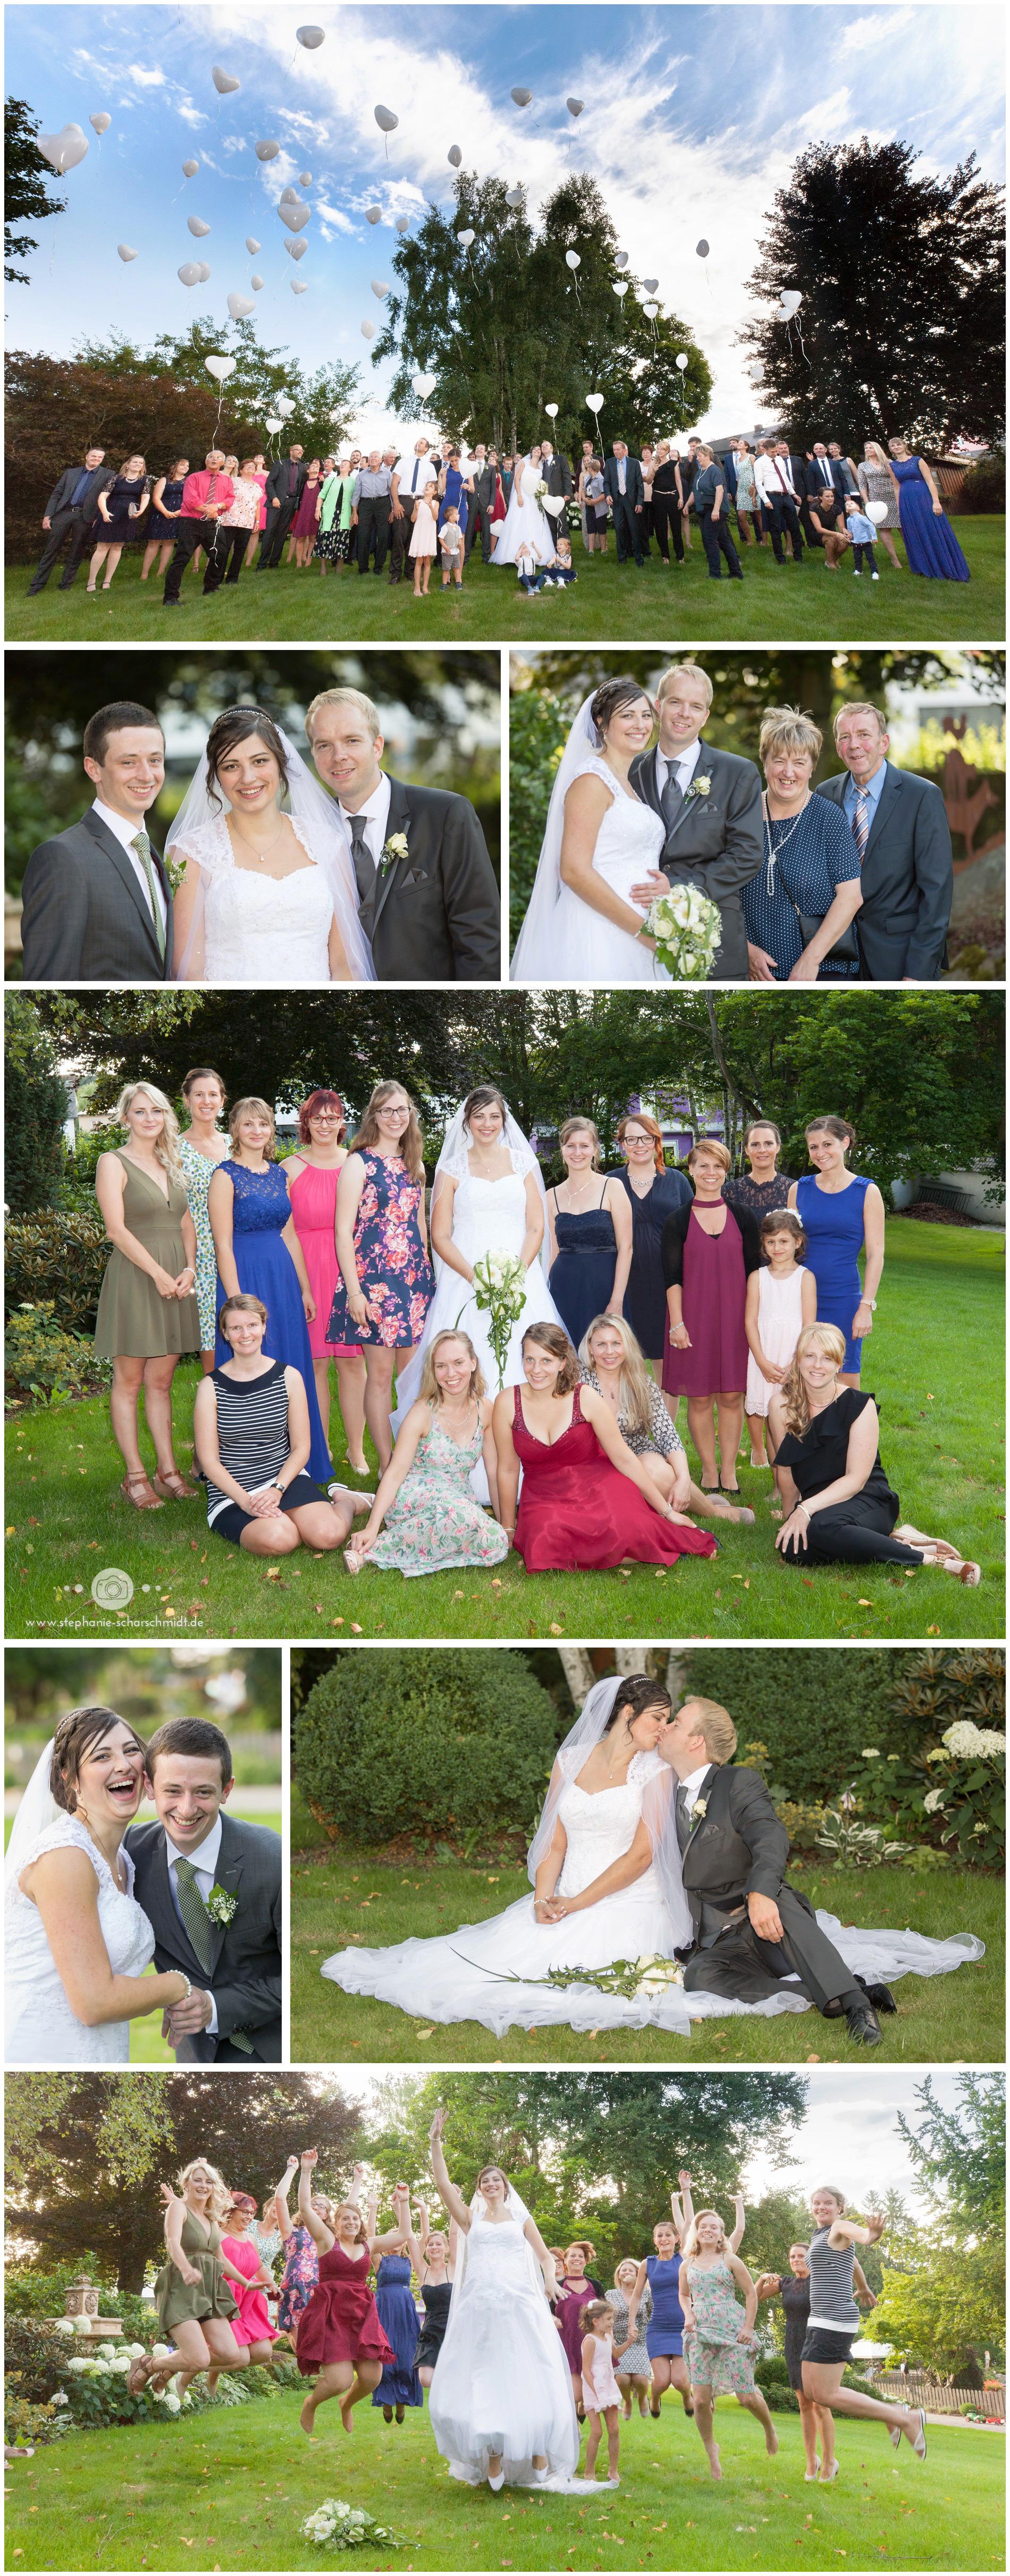 Hochzeitsbilder Hof – Stephanie Scharschmidt Hochzeitsfotograf Hof